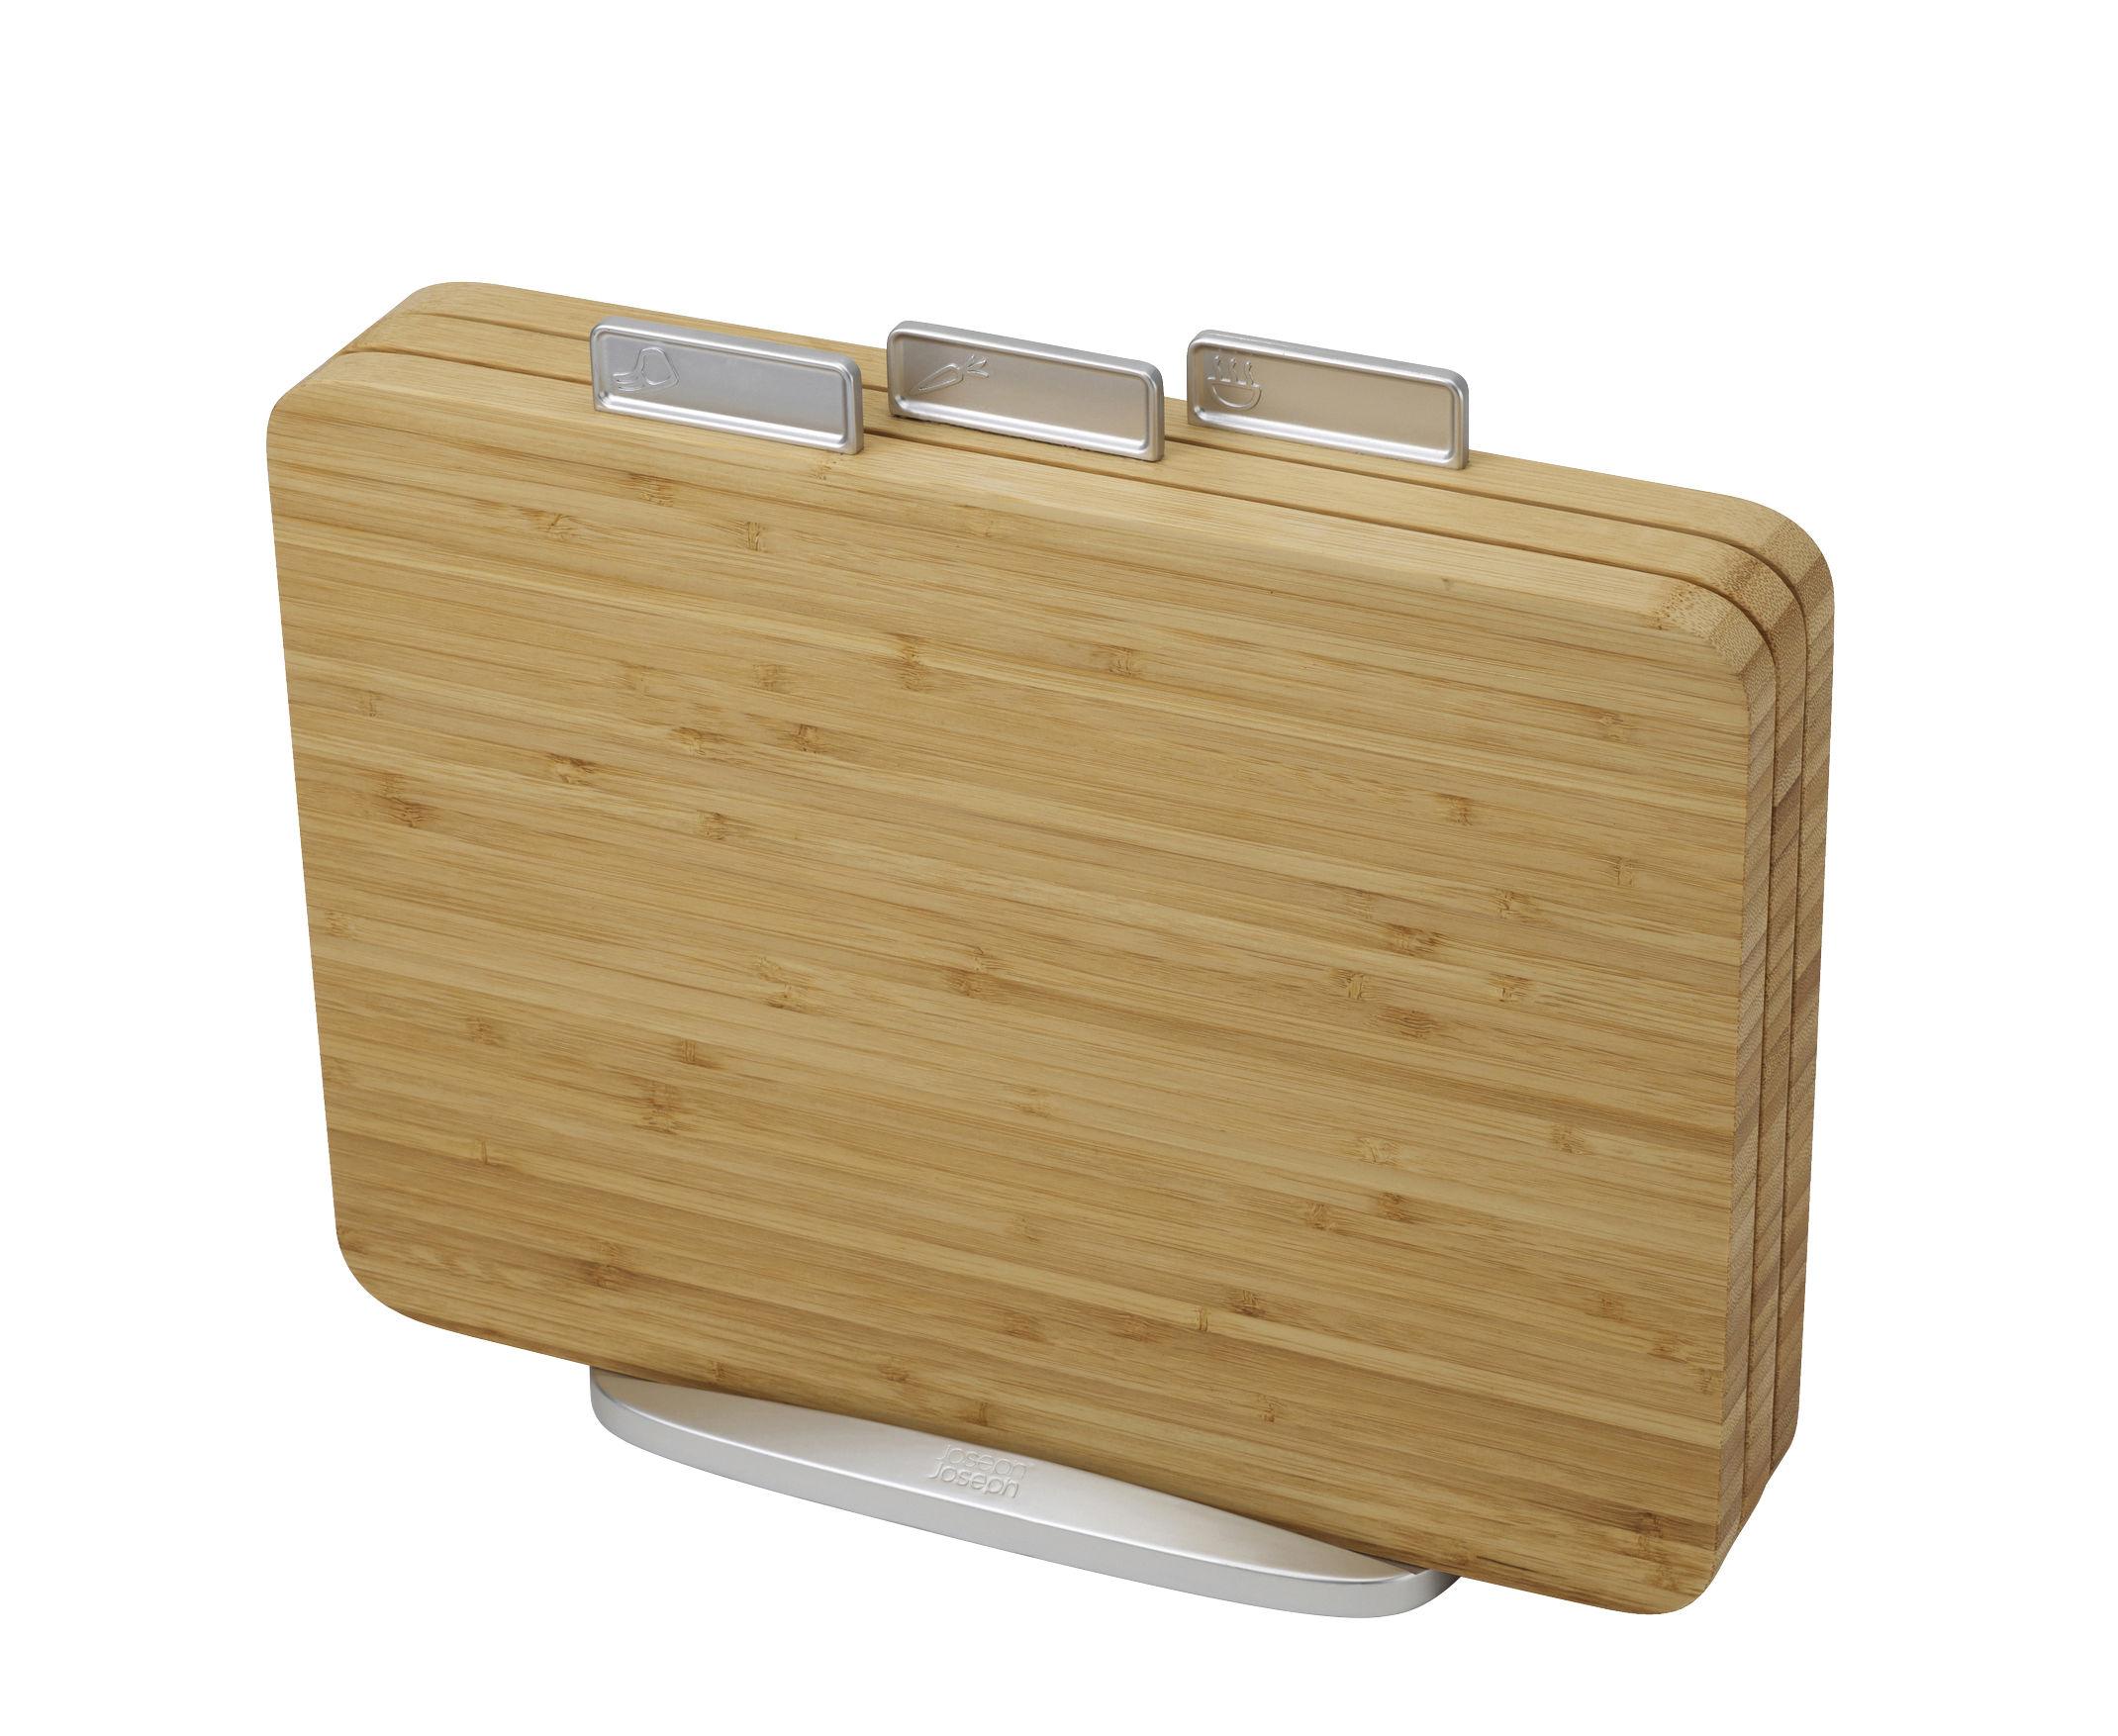 Cuisine - Ustensiles de cuisines - Planche à découper Index Bambou / Set de 3 + support - Joseph Joseph - Bambou naturel - Bambou, Métal